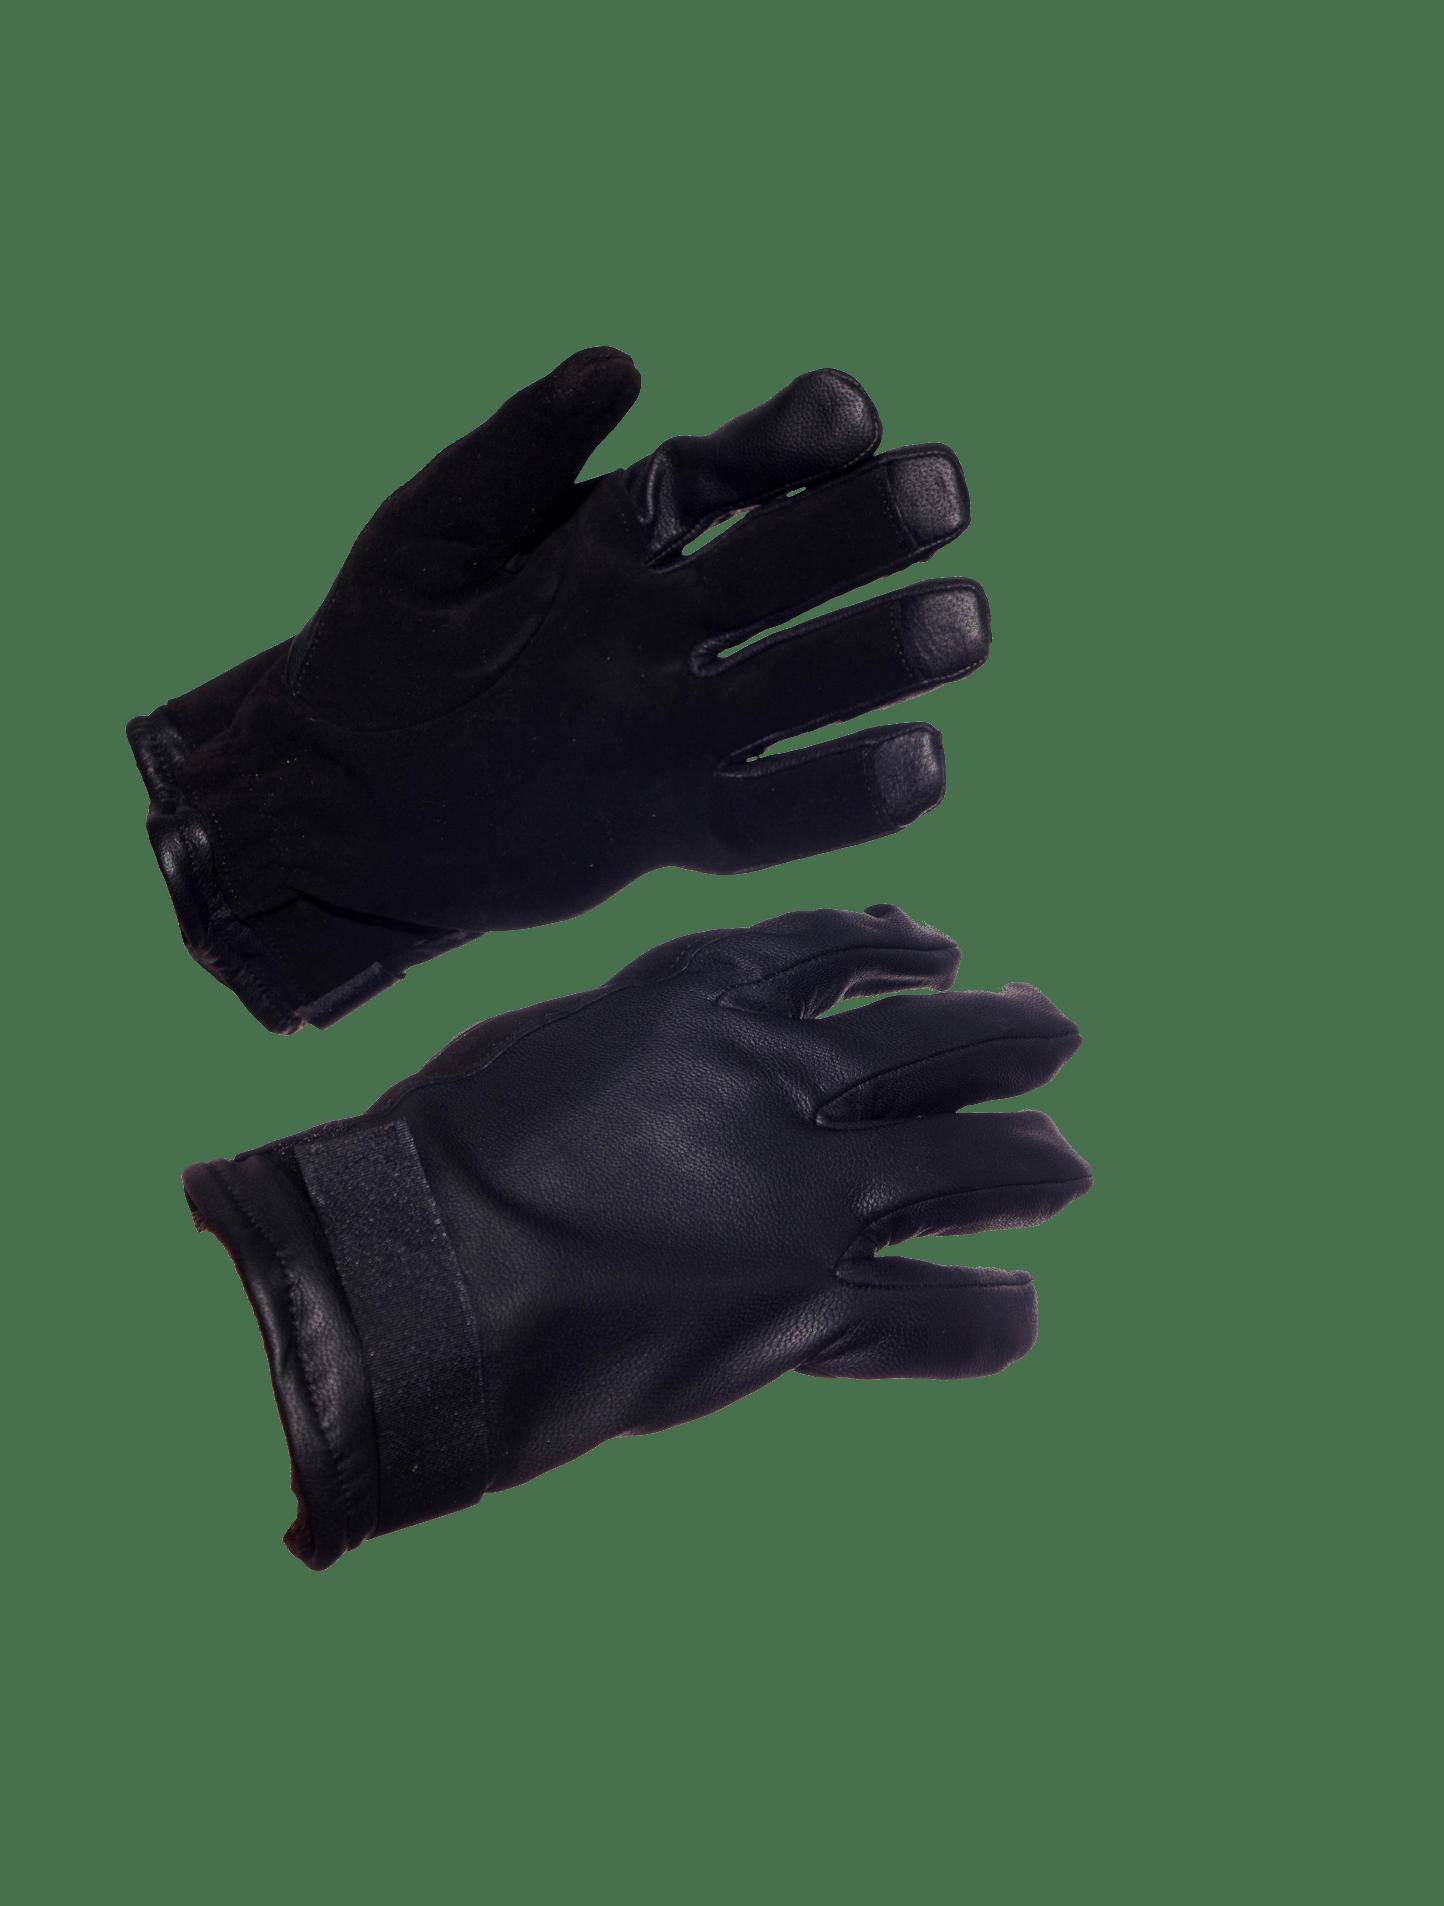 classic style cheap for sale quality Gants tactiques pour armes à feu - Modèle A